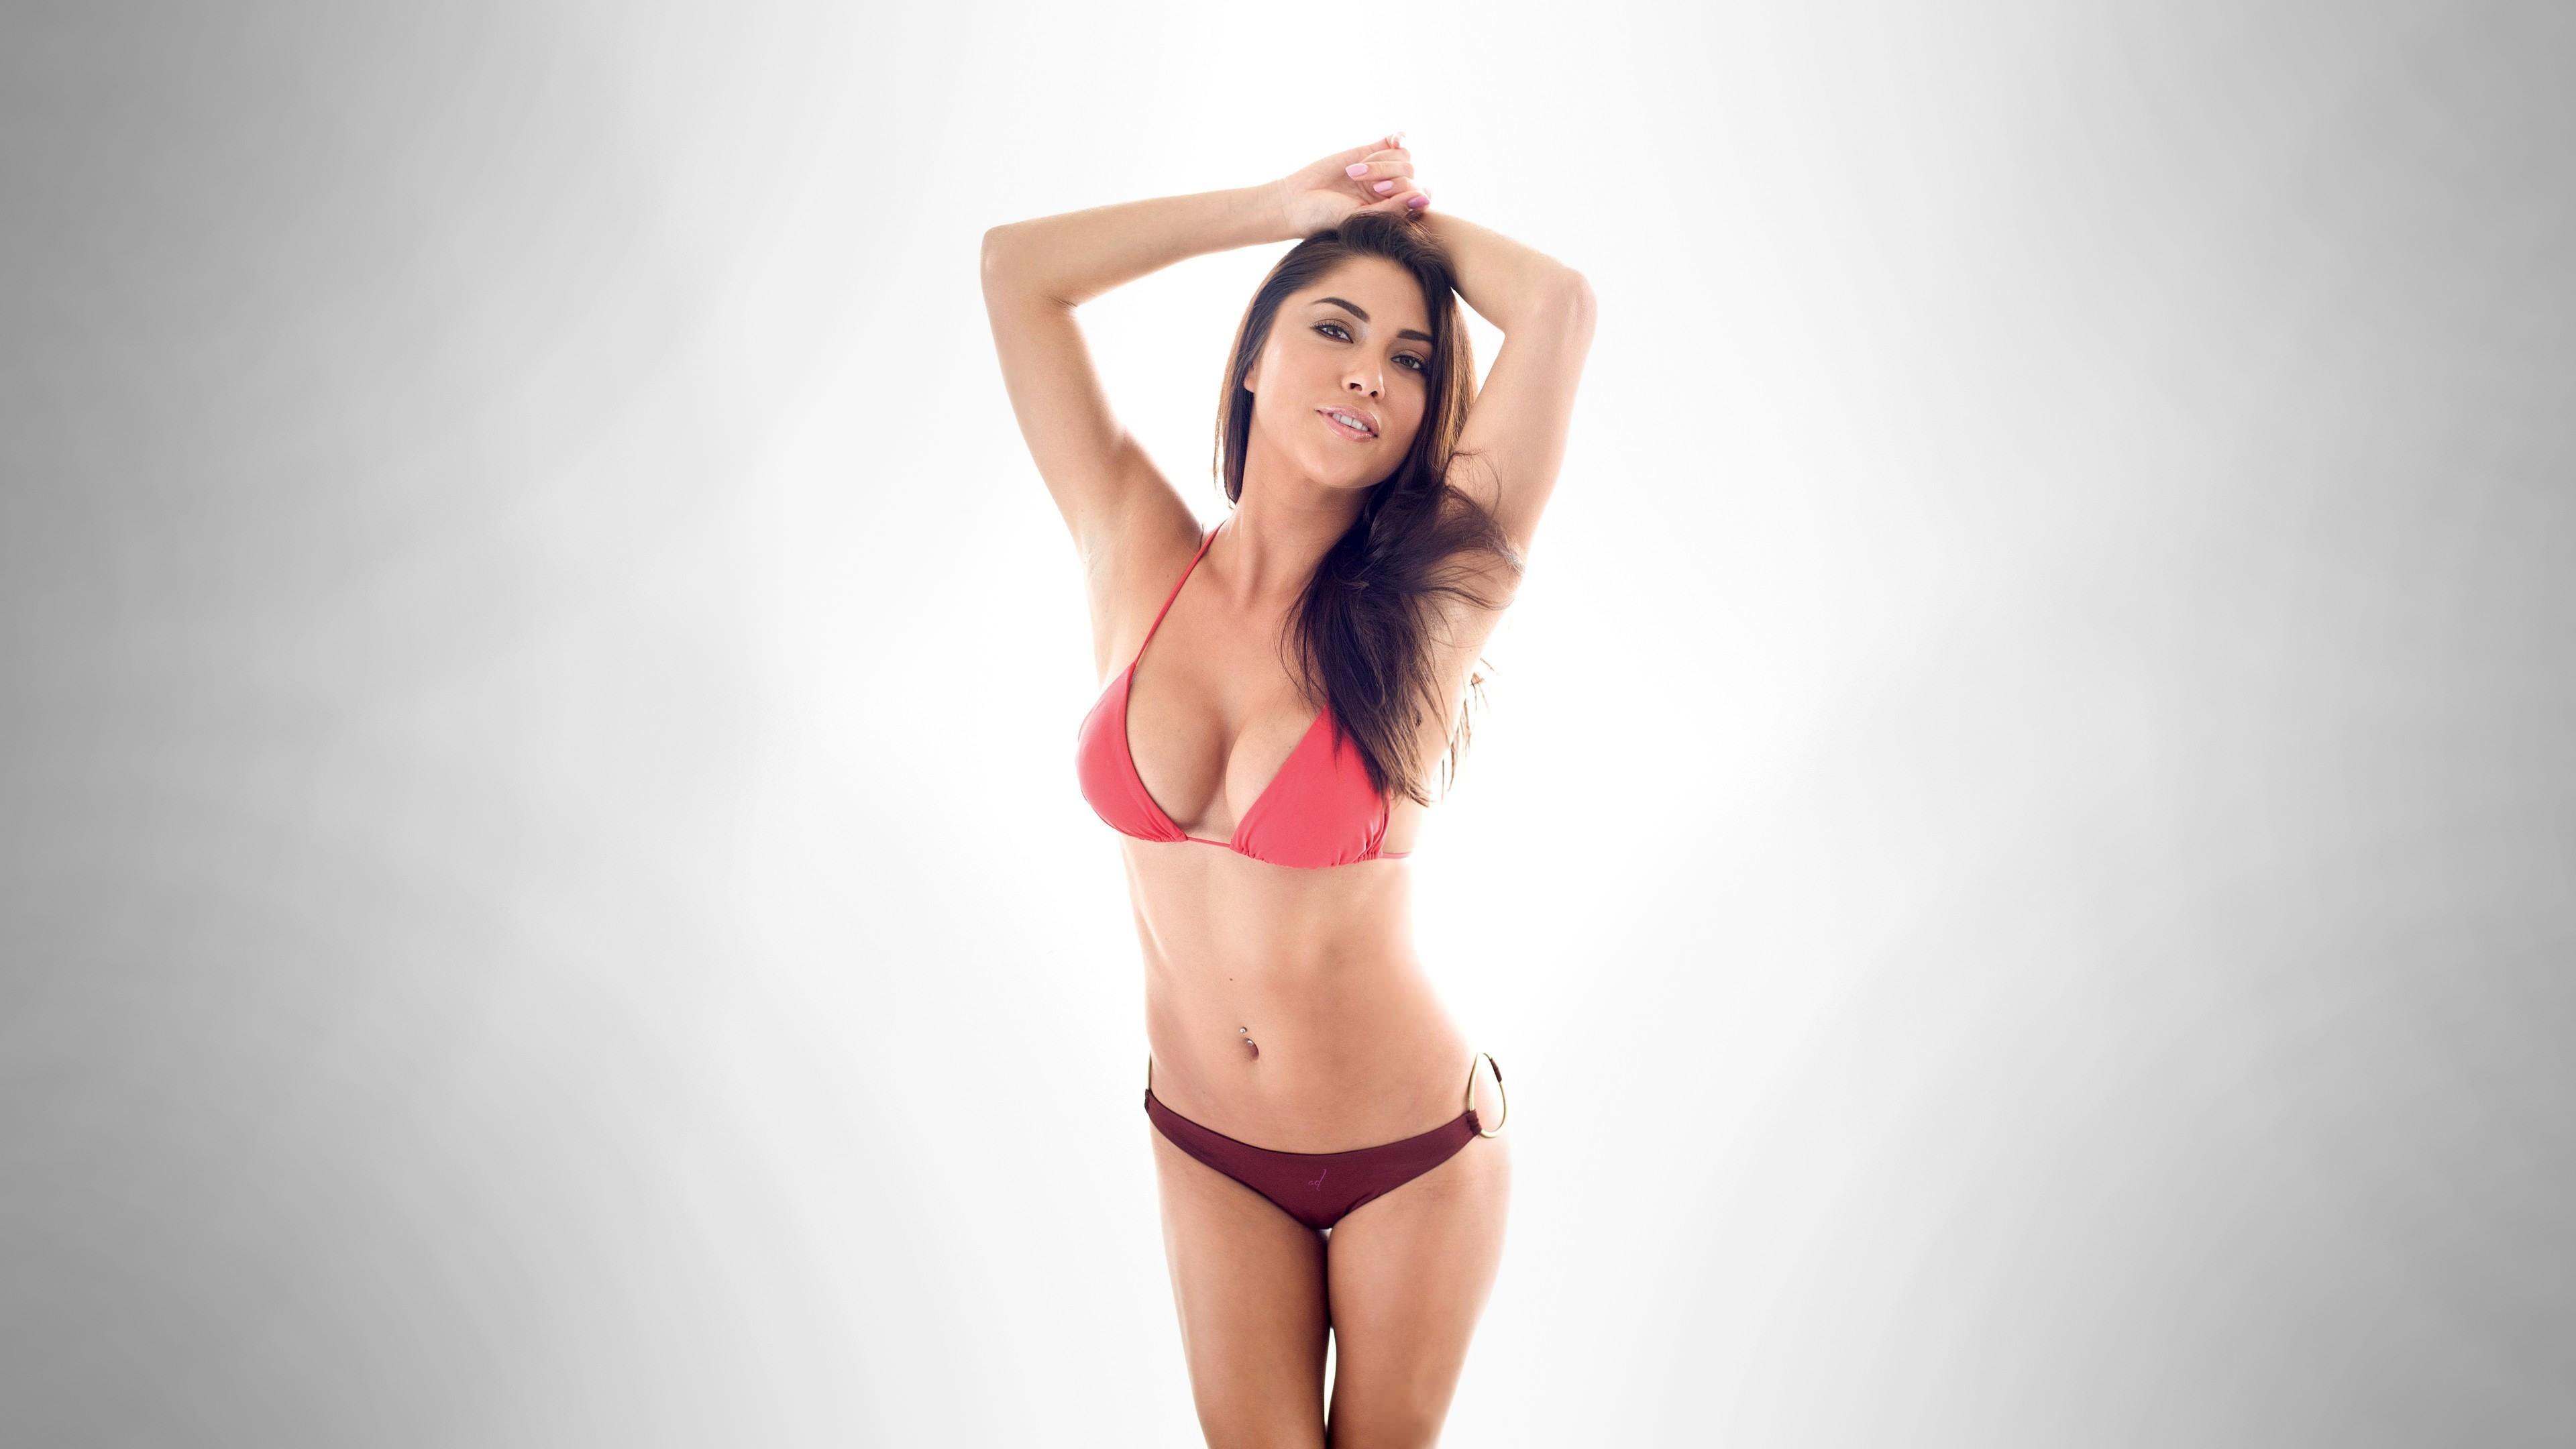 Фото Девушка в розовом лифчике, грудь третьего размера, скачать картинку бесплатно